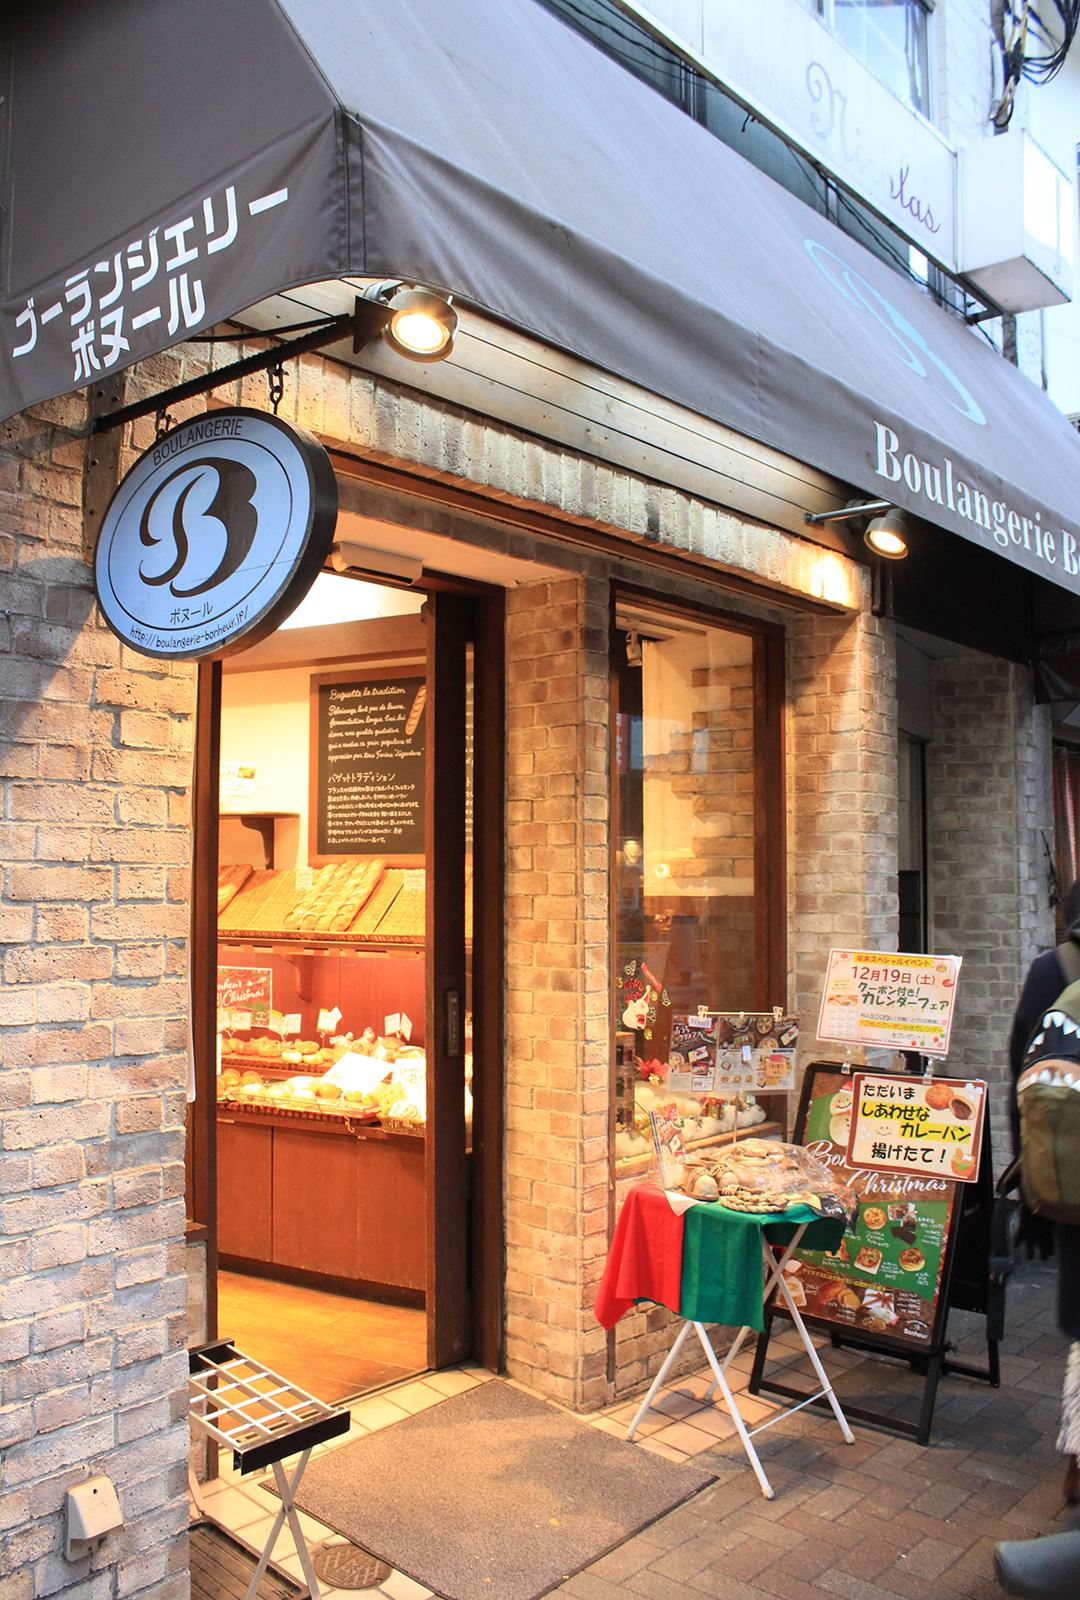 ブーランジェリー・ボヌール 三軒茶屋本店